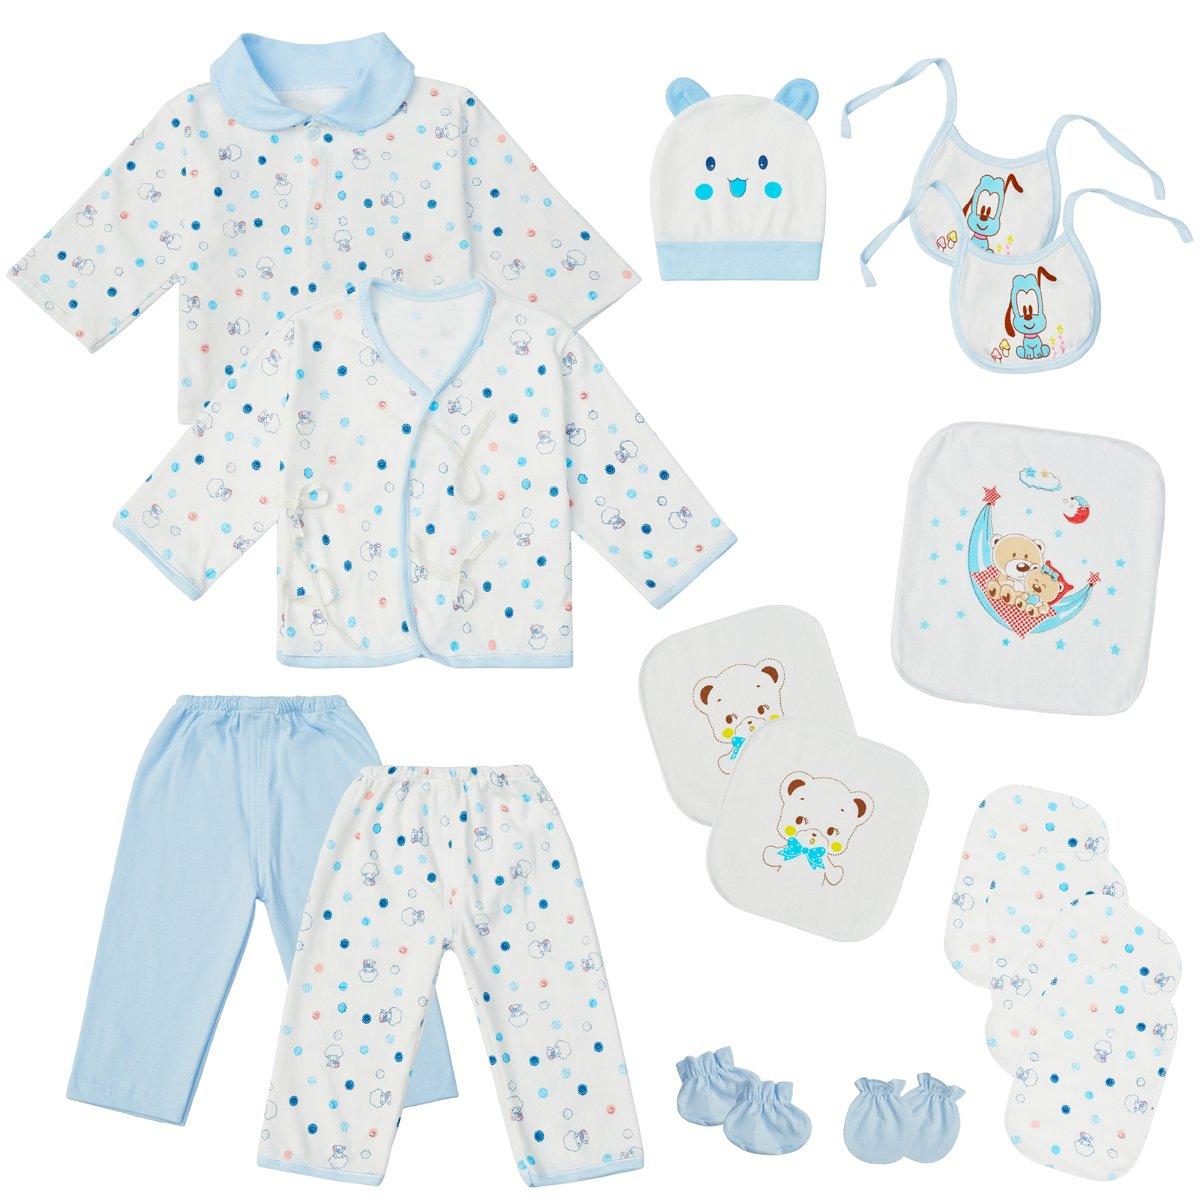 Amazon.com: 0-3 Months Baby Boy Clothes Newborn Layette Set Infant ...